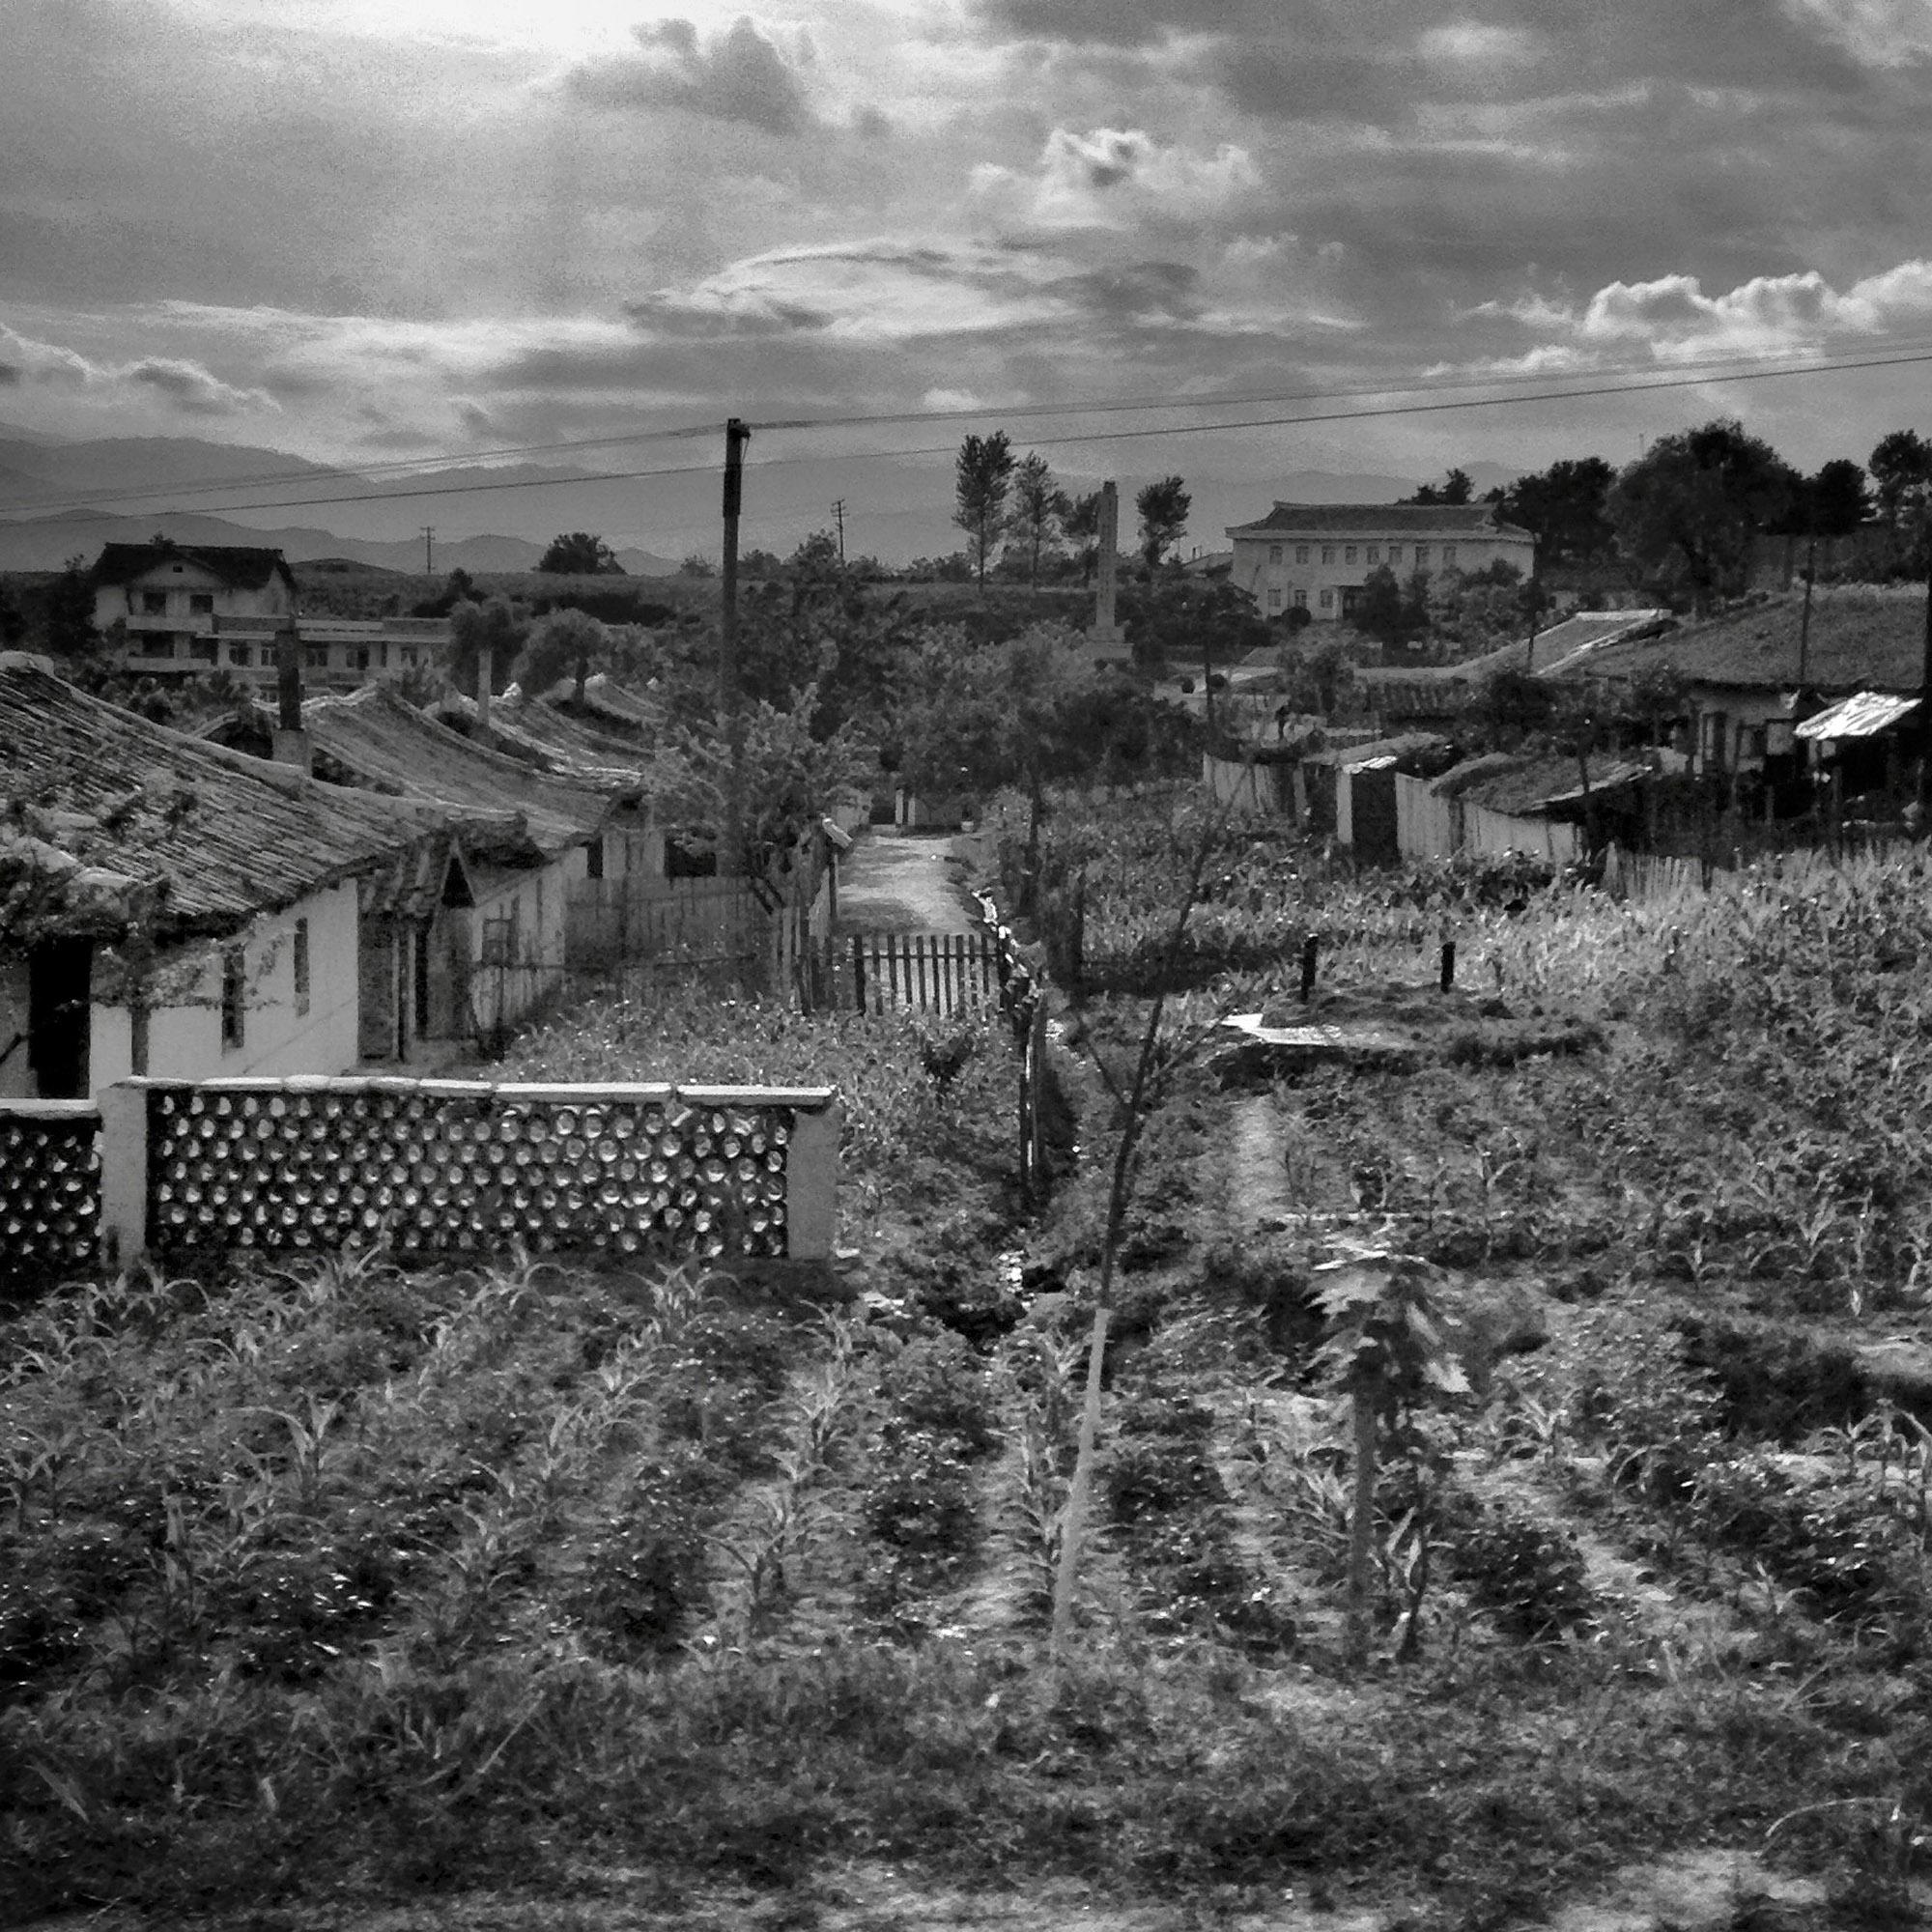 A village in North Korea's North Hamgyong province.